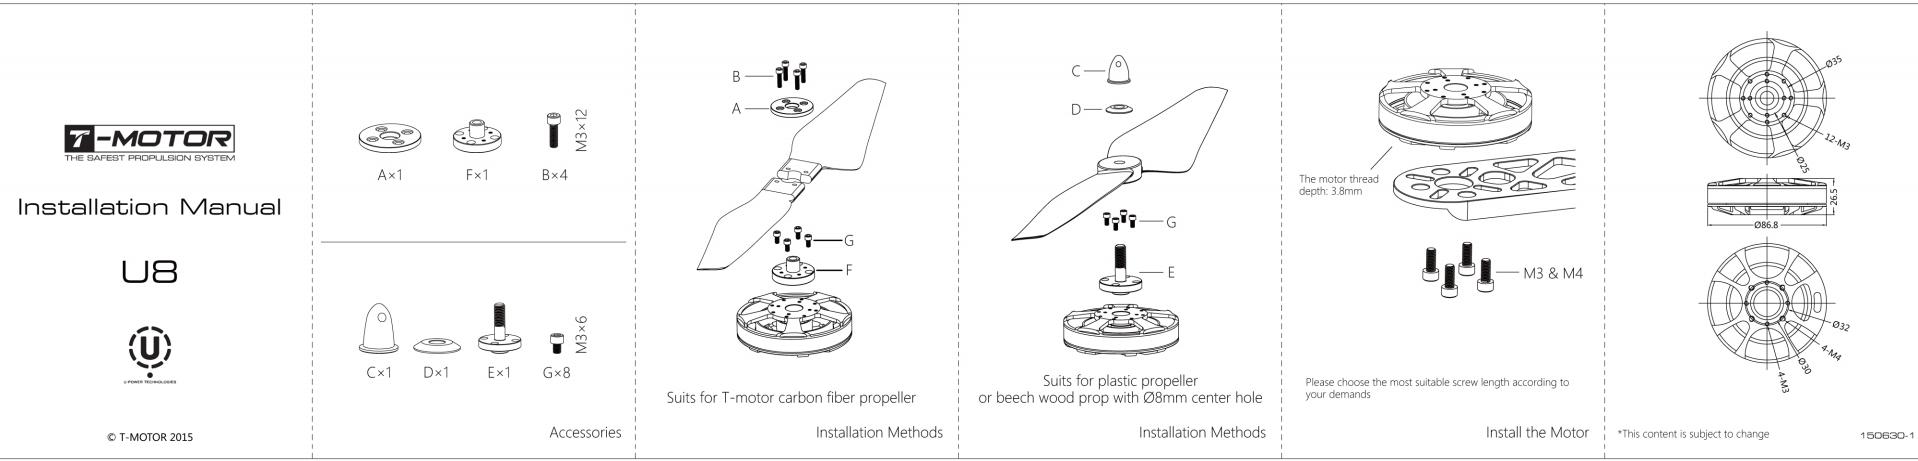 Инструкция по креплению мотора T-Motor U8 KV170